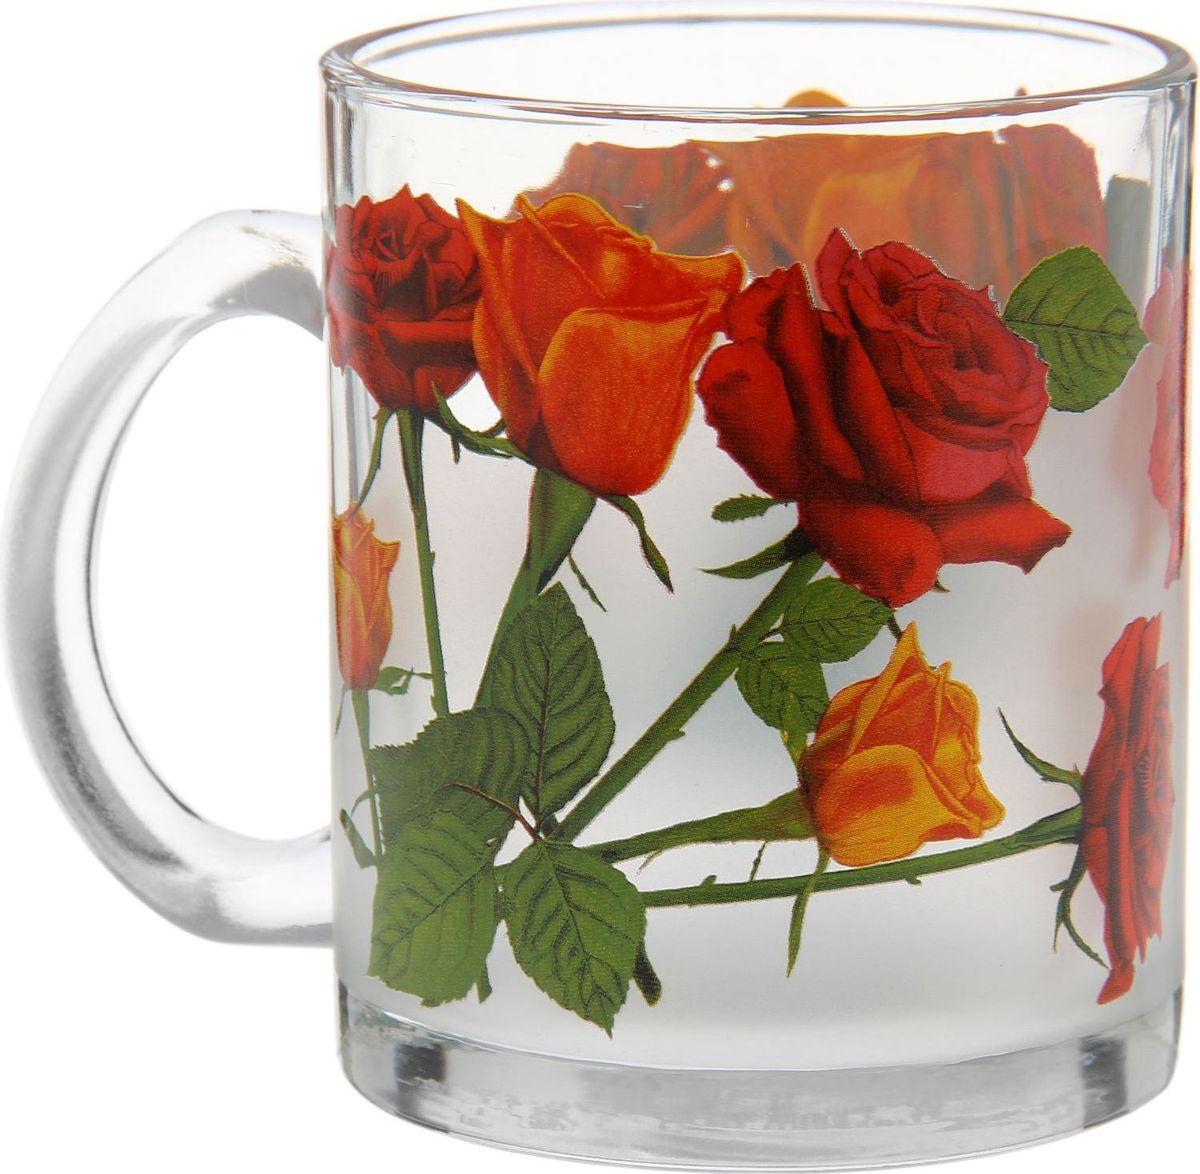 Кружка Декостек Роза, 300 мл1700863Кружка Декостек Роза, изготовленная из качественного стекла, оснащена удобной ручкой и дополнена оригинальным рисунком. От качества посуды зависит не только вкус еды, но и здоровье человека. Кружка соответствует российским стандартам качества. Любой хозяйке будет приятно держать её в руках. С такой посудой сервировка стола превратится в настоящий праздник. Объем: 300 мл.